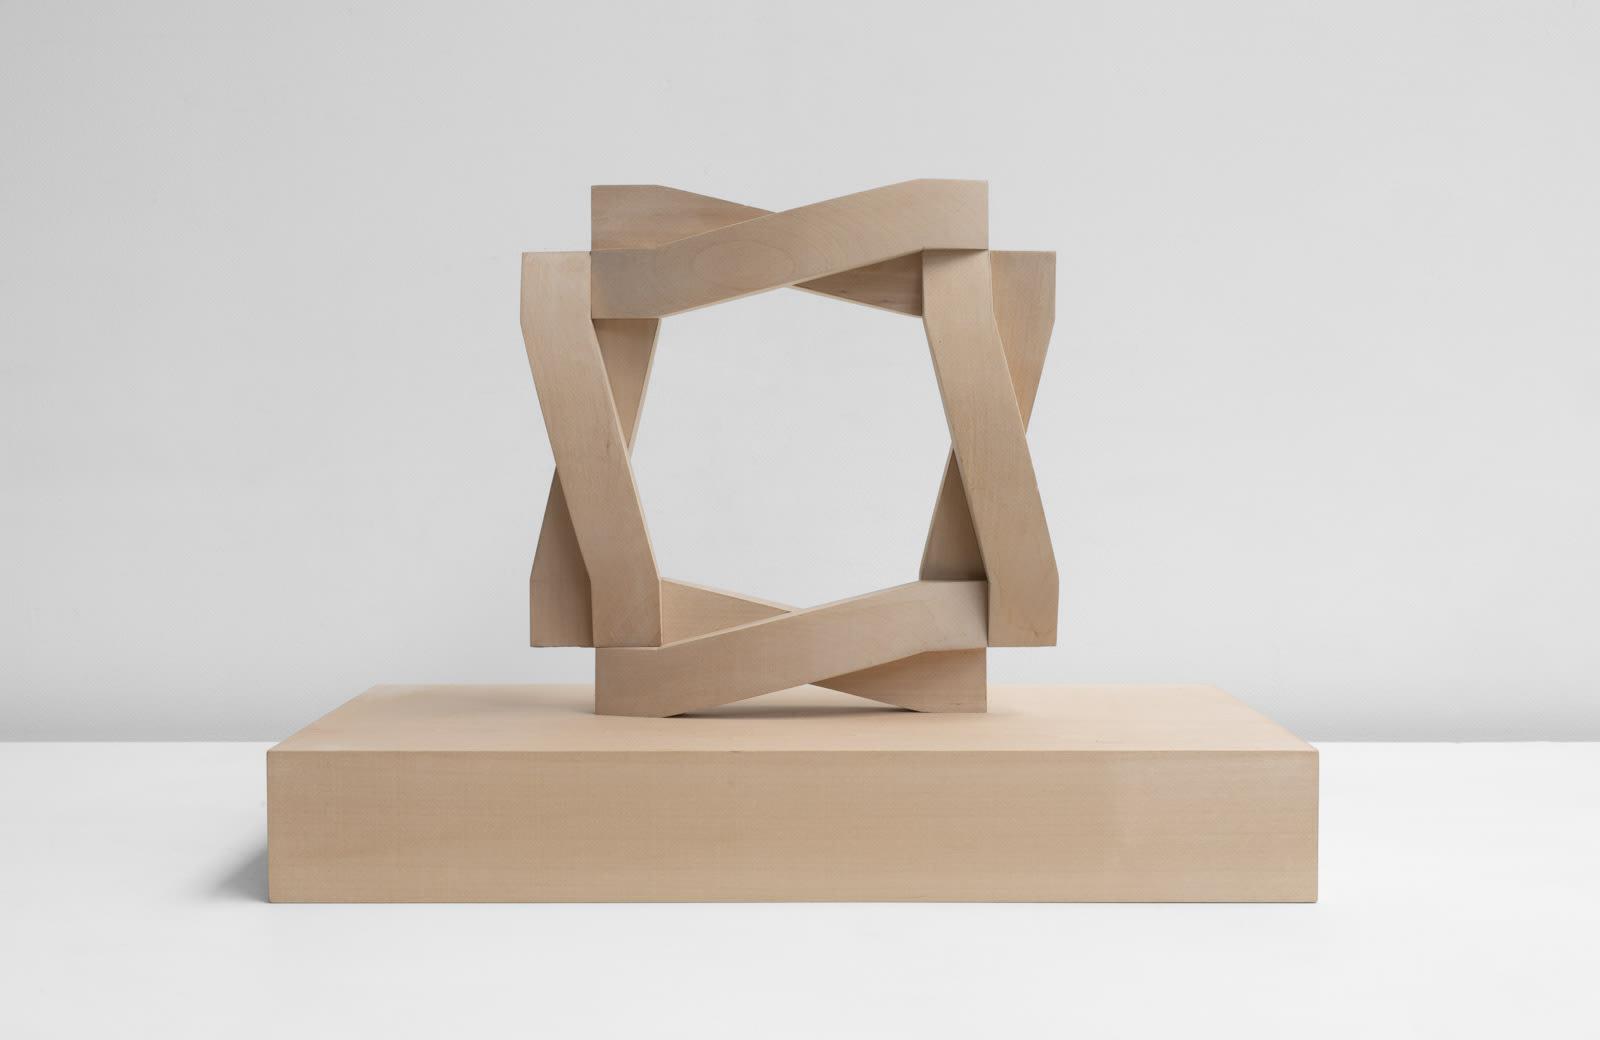 Paul de Monchaux, Shift, 2020